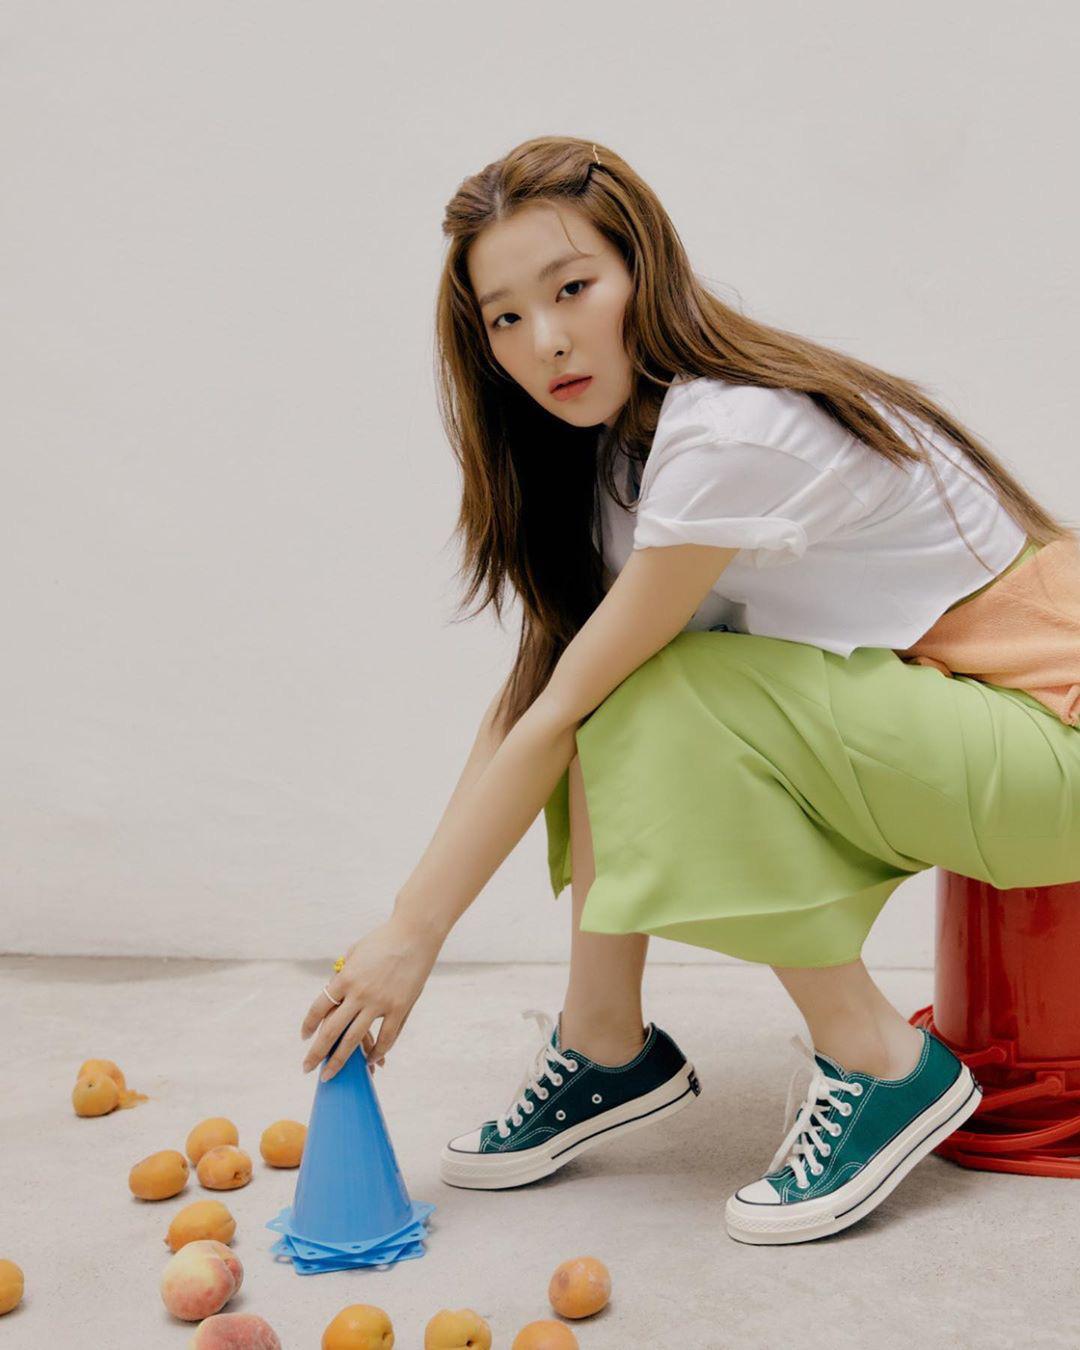 11 set đồ đời thường xinh trẻ của sao Hàn là ý tưởng mặc đẹp của chị em - Ảnh 10.